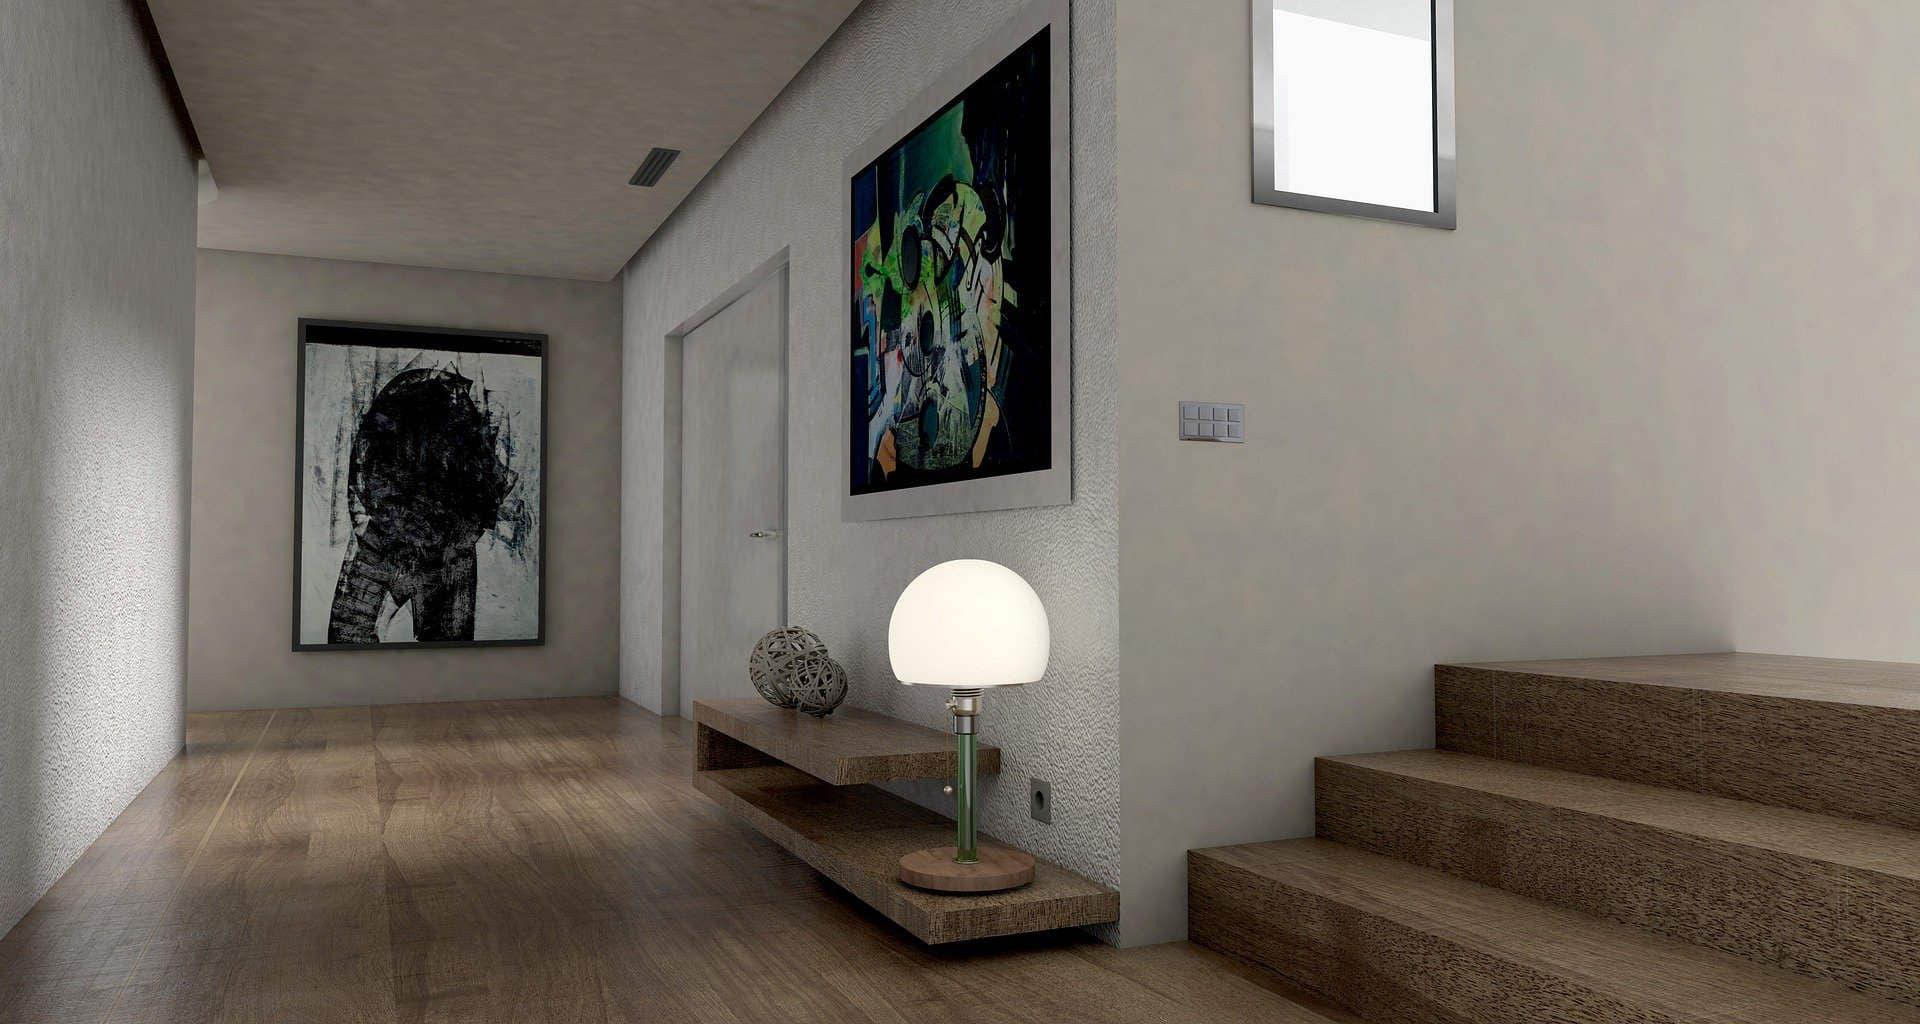 Vista pasillo y escaleras de vivienda